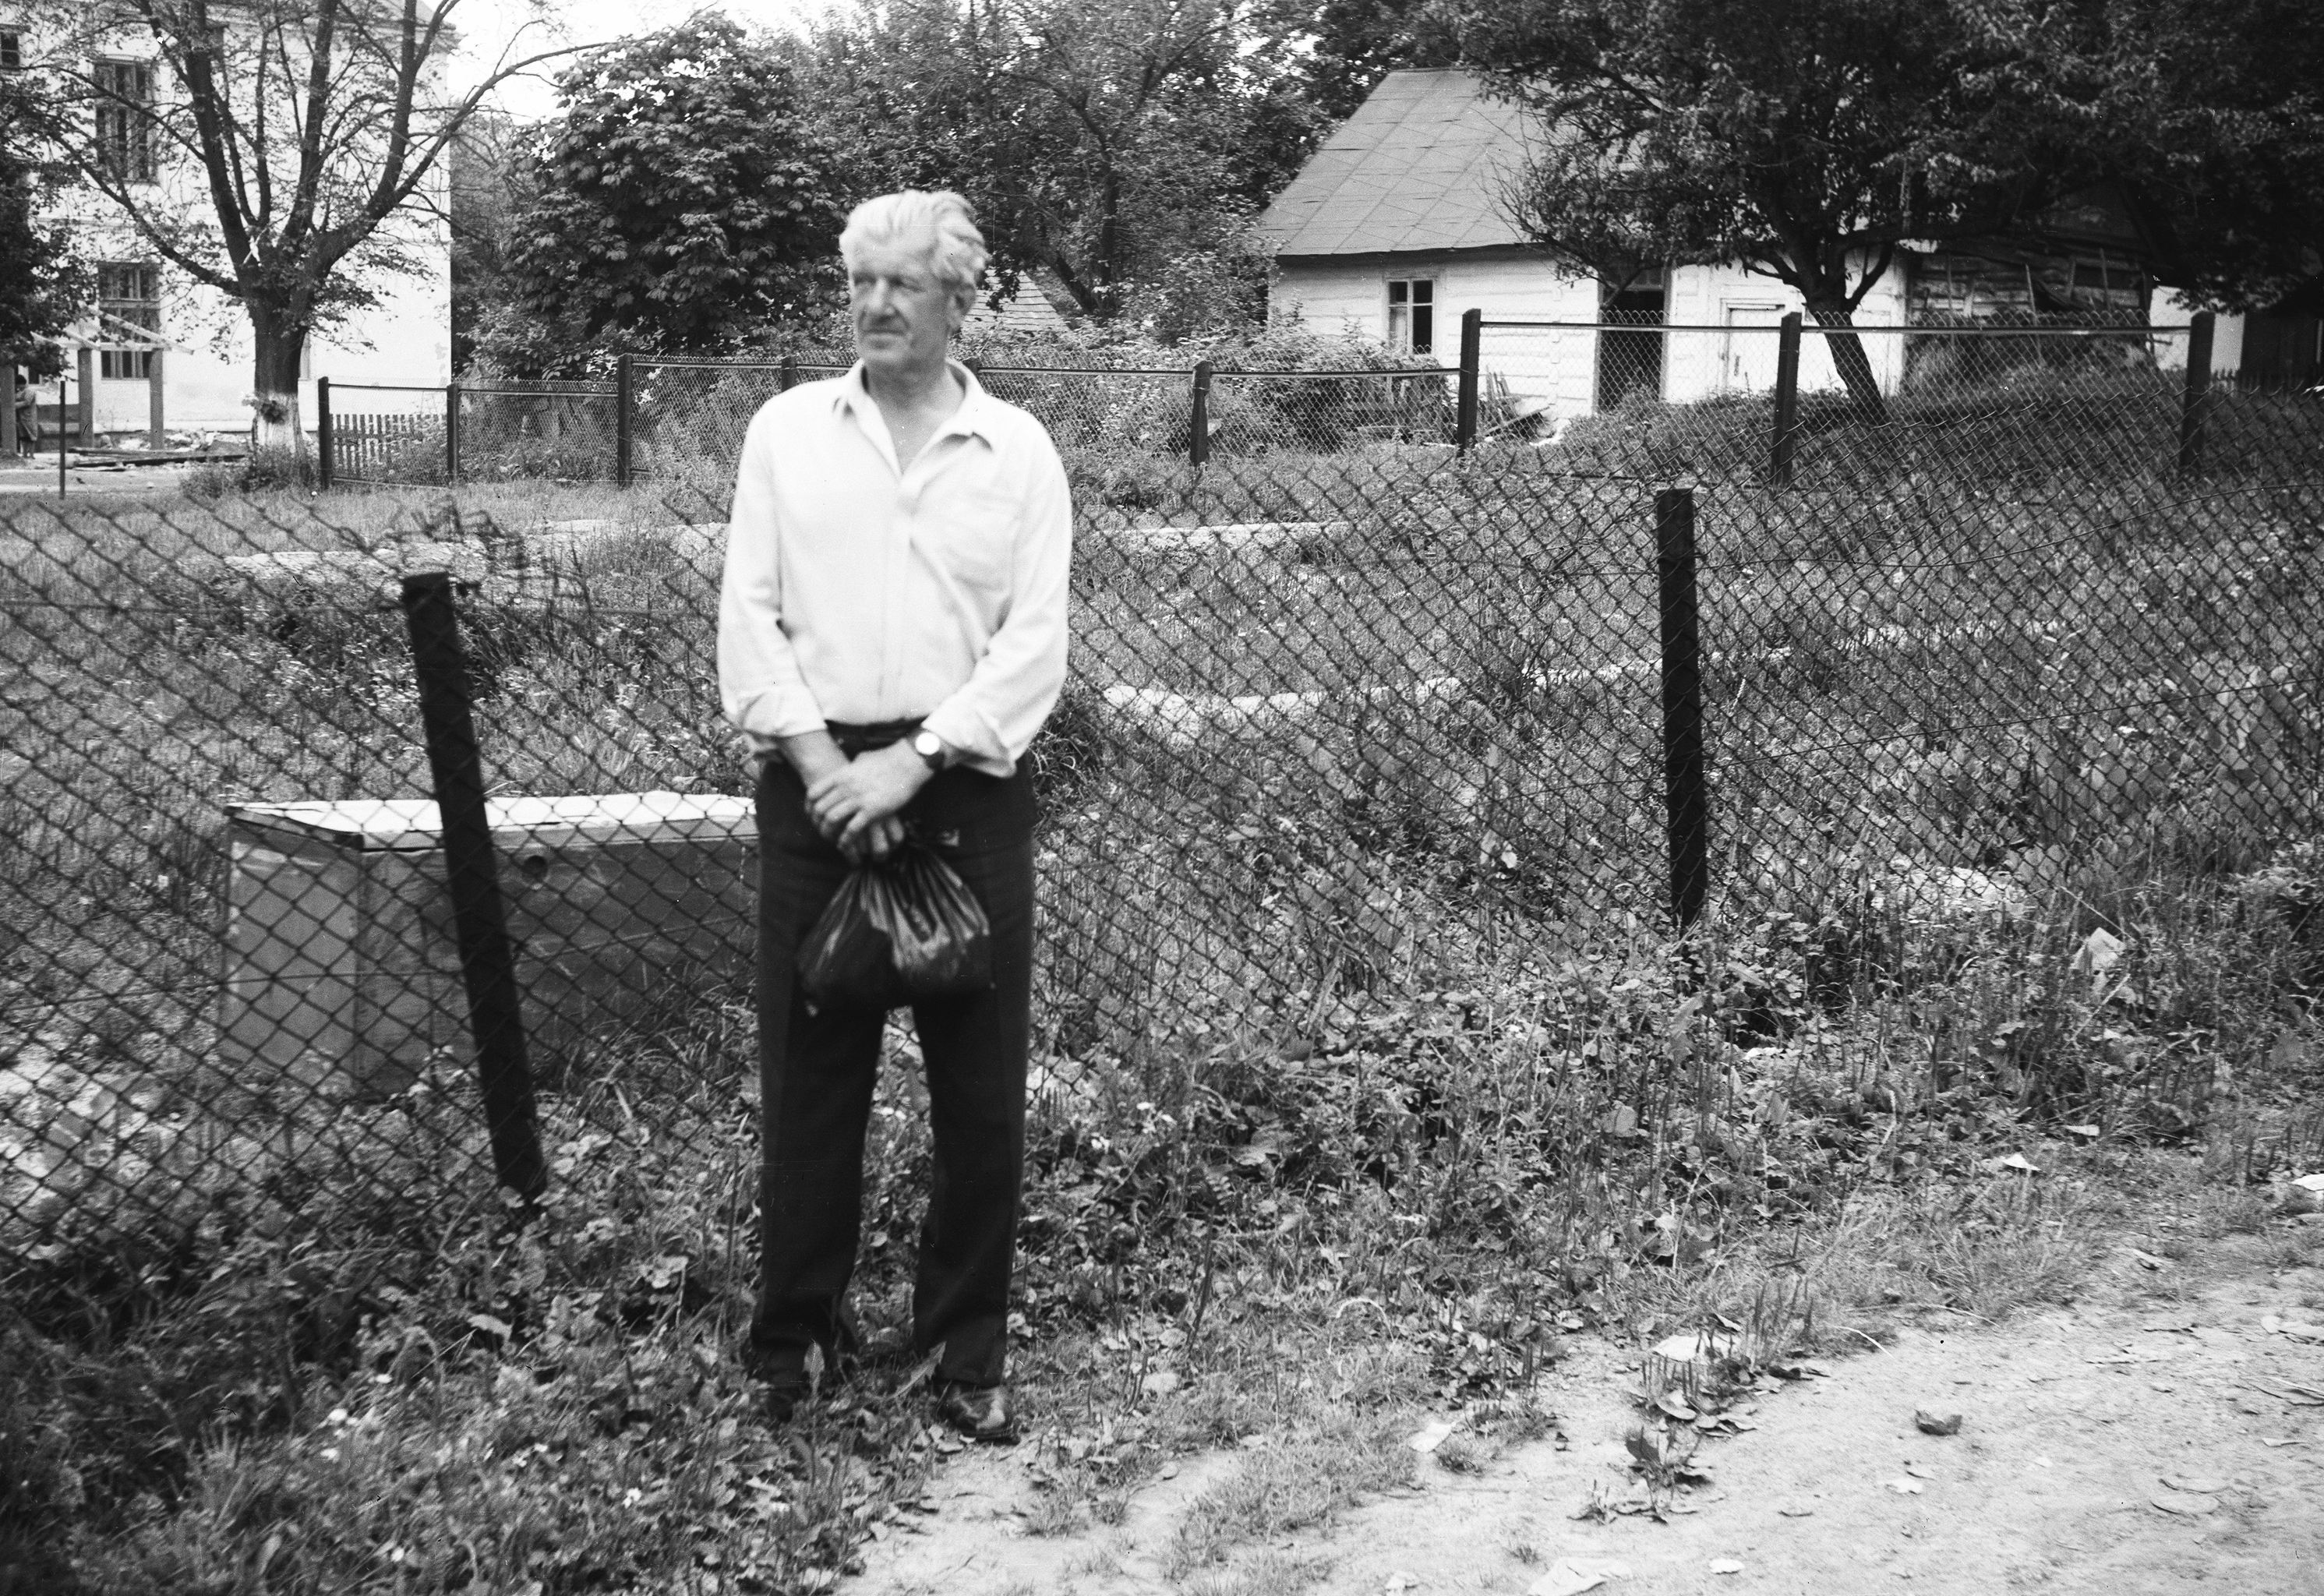 Zdjęcie mężczyzny, Dolny Śląsk, 2. poł. XX w.